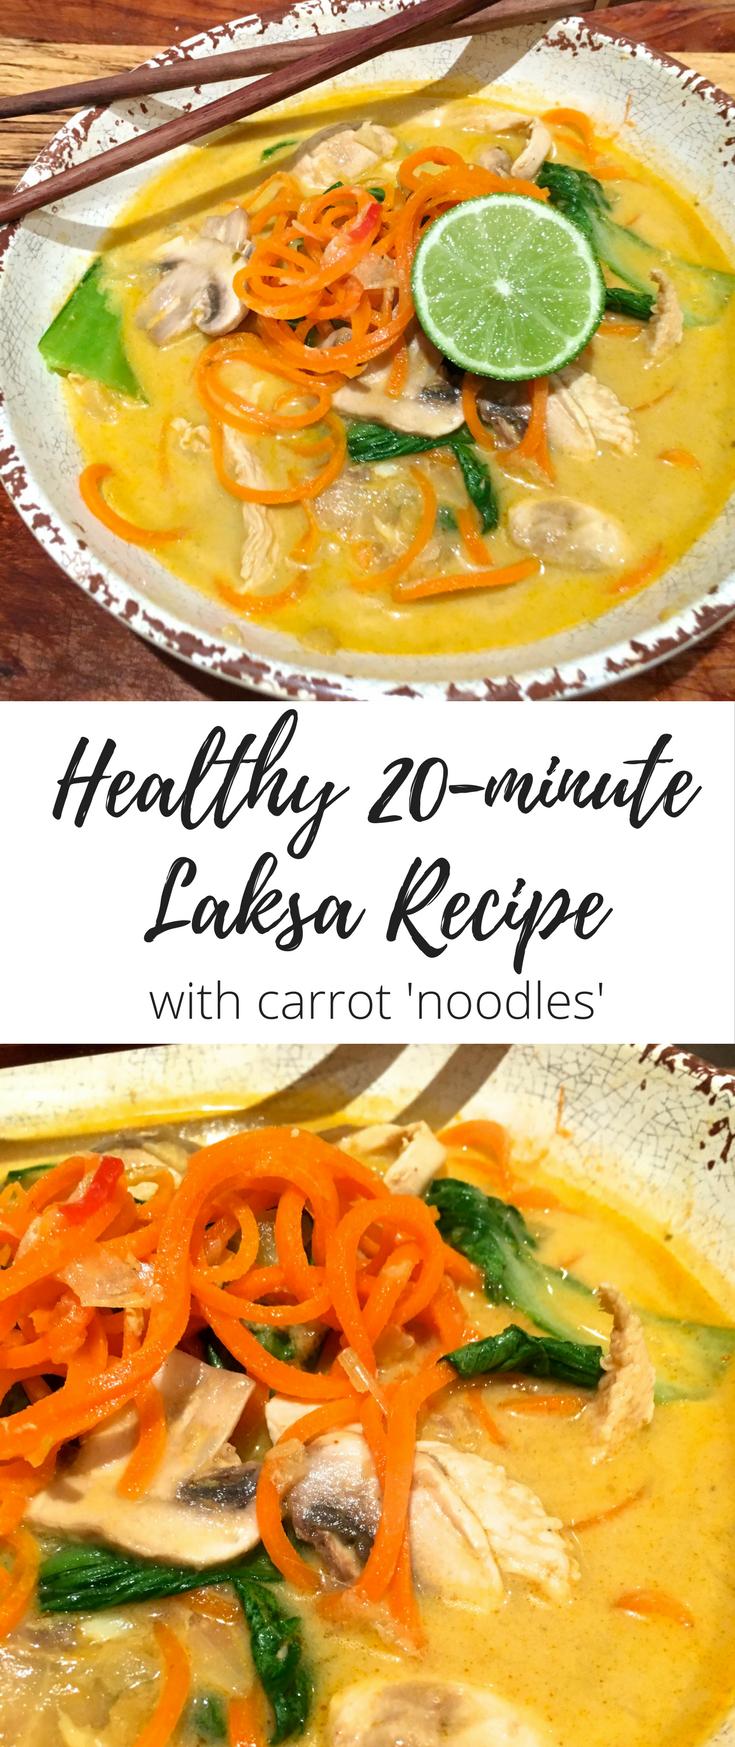 Healthy laksa recipe